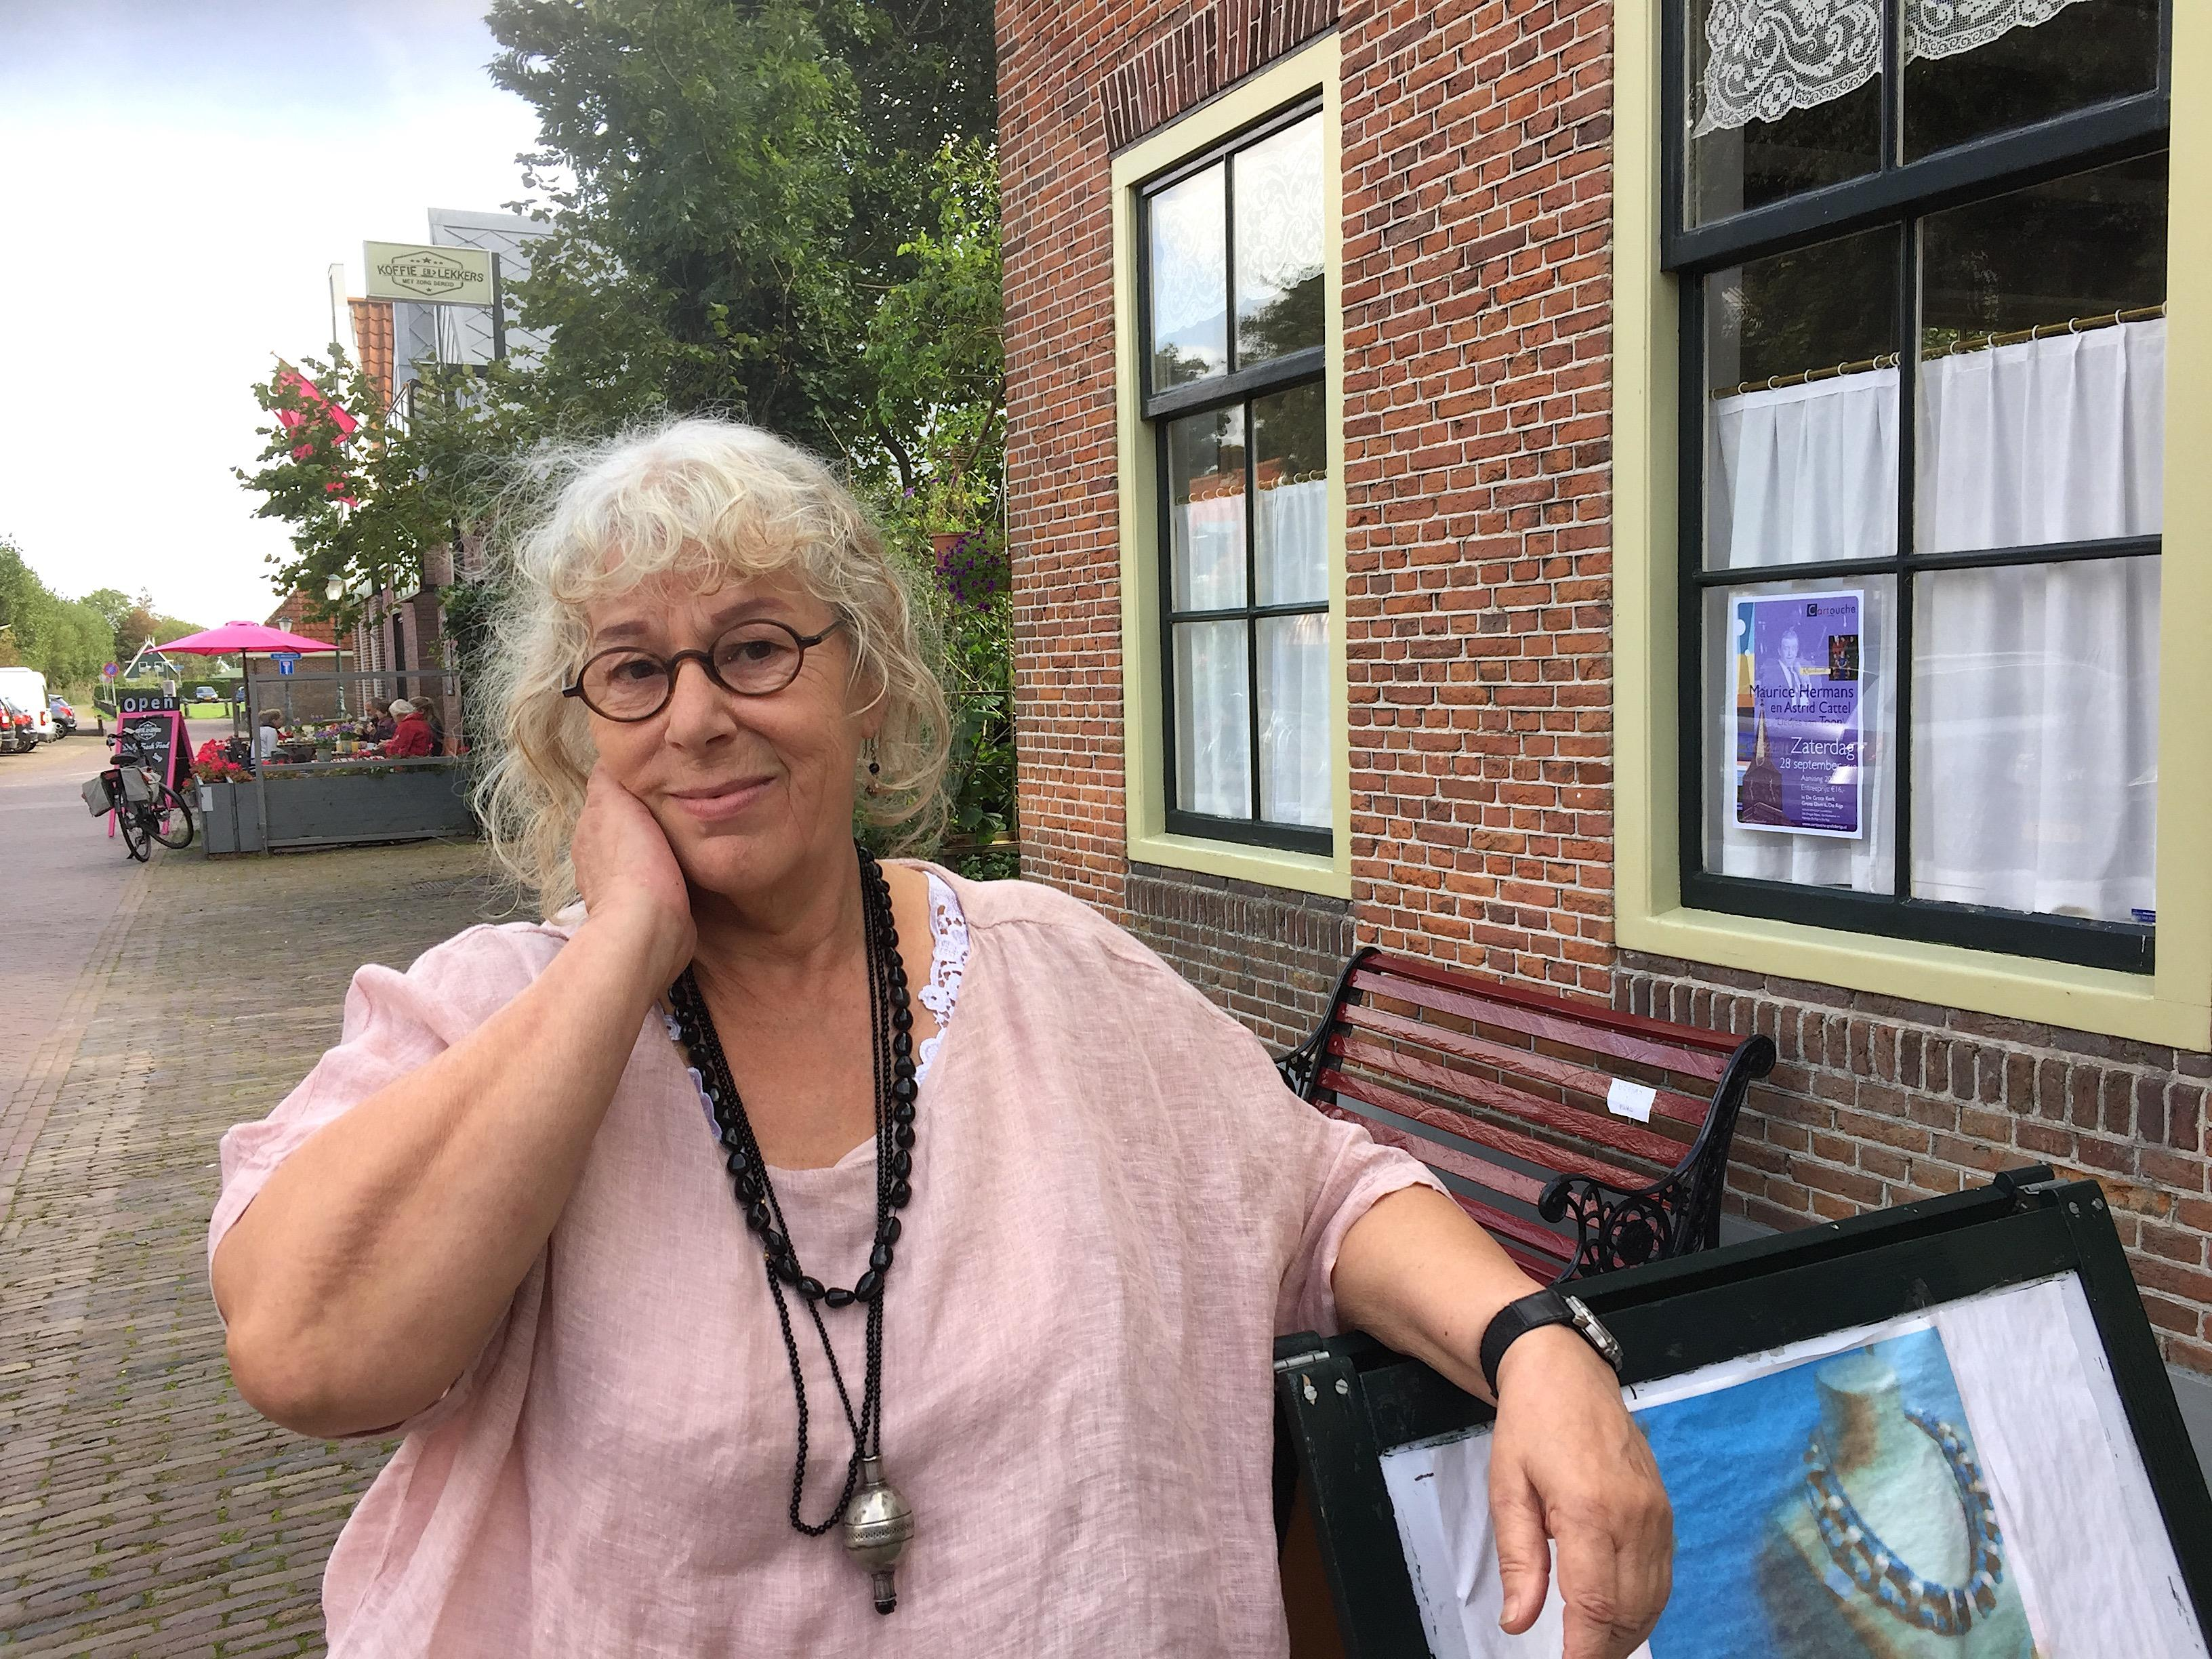 Onderweg: Flory Peetoom (71) uit De Rijp barst van de levenslust, maar ze heeft ook mindere tijden gekend